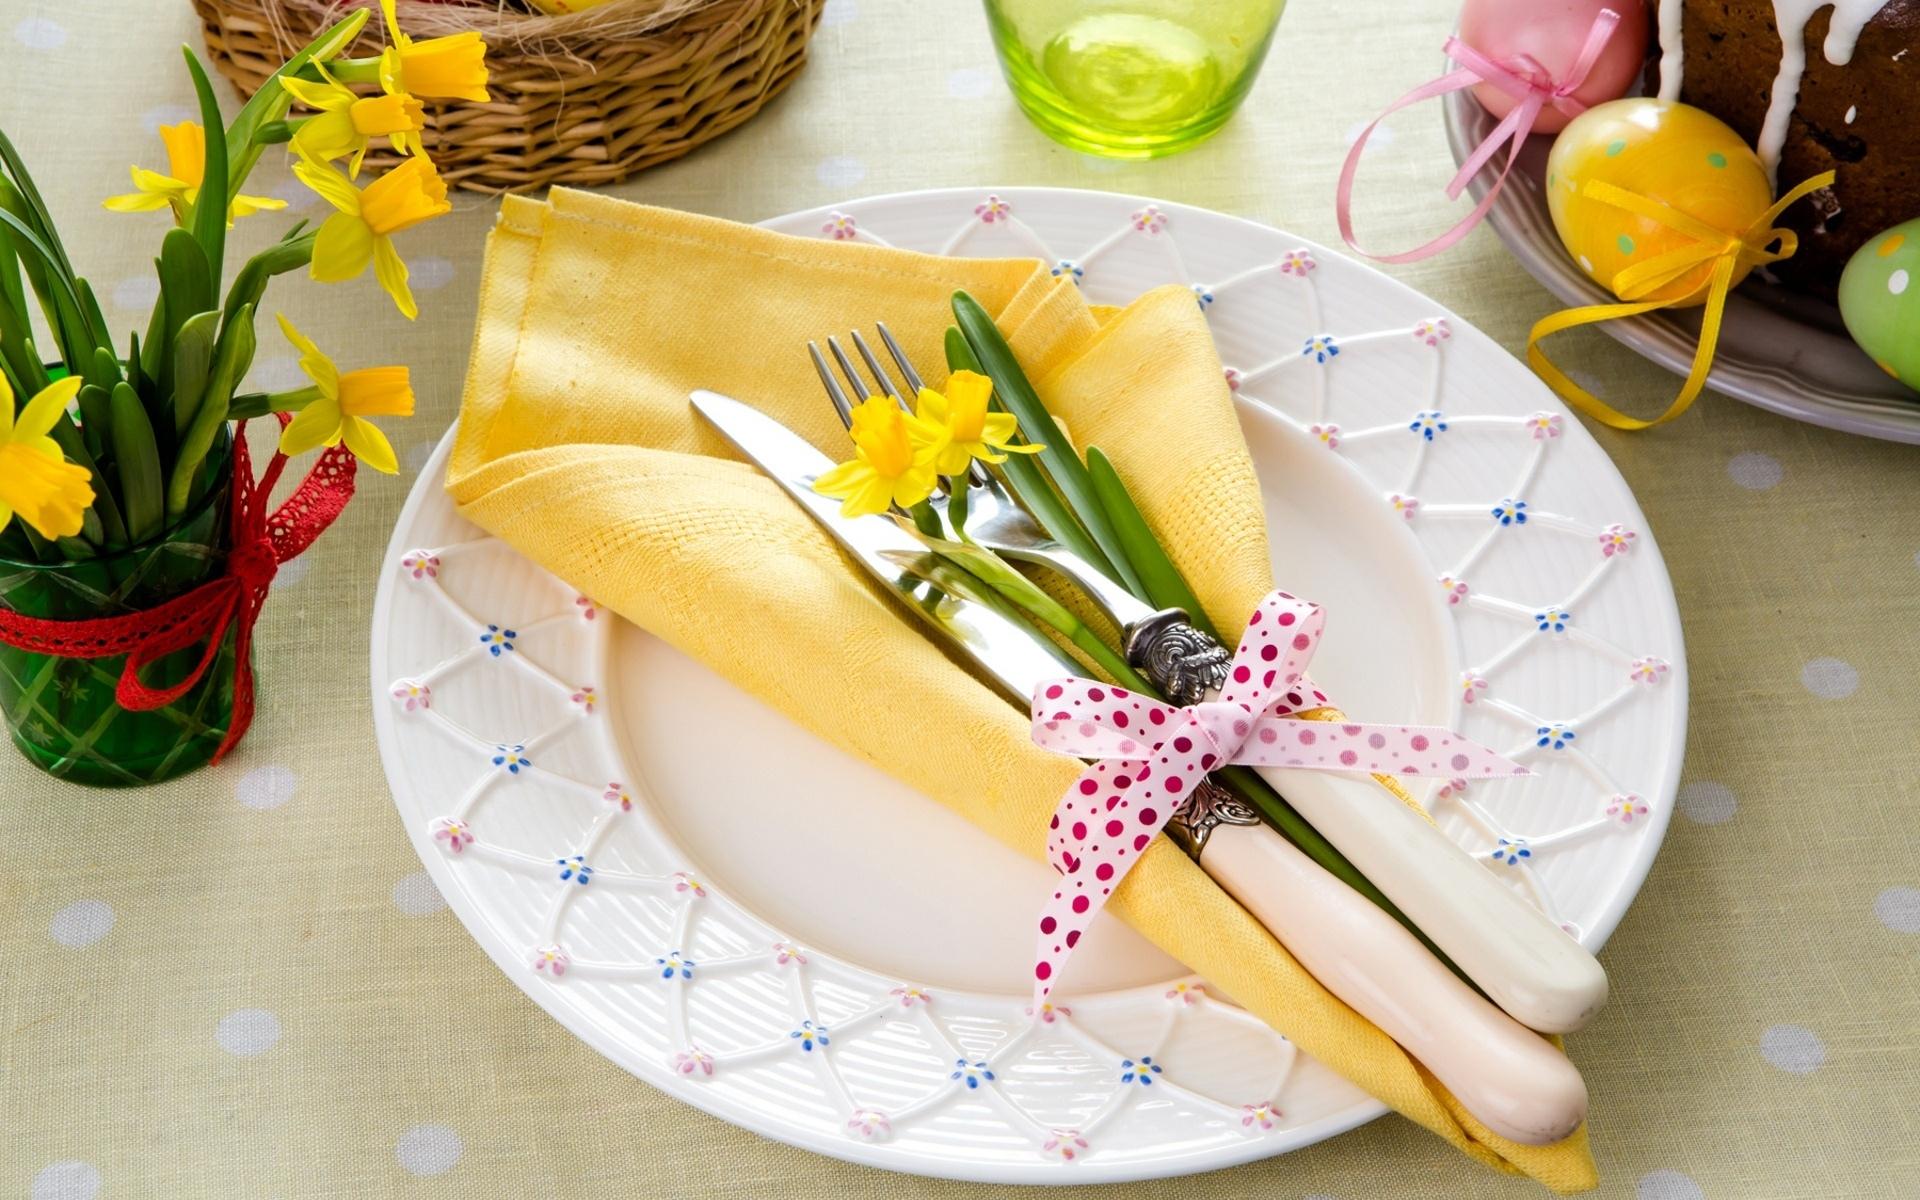 Украшение пасхального стола салфетками